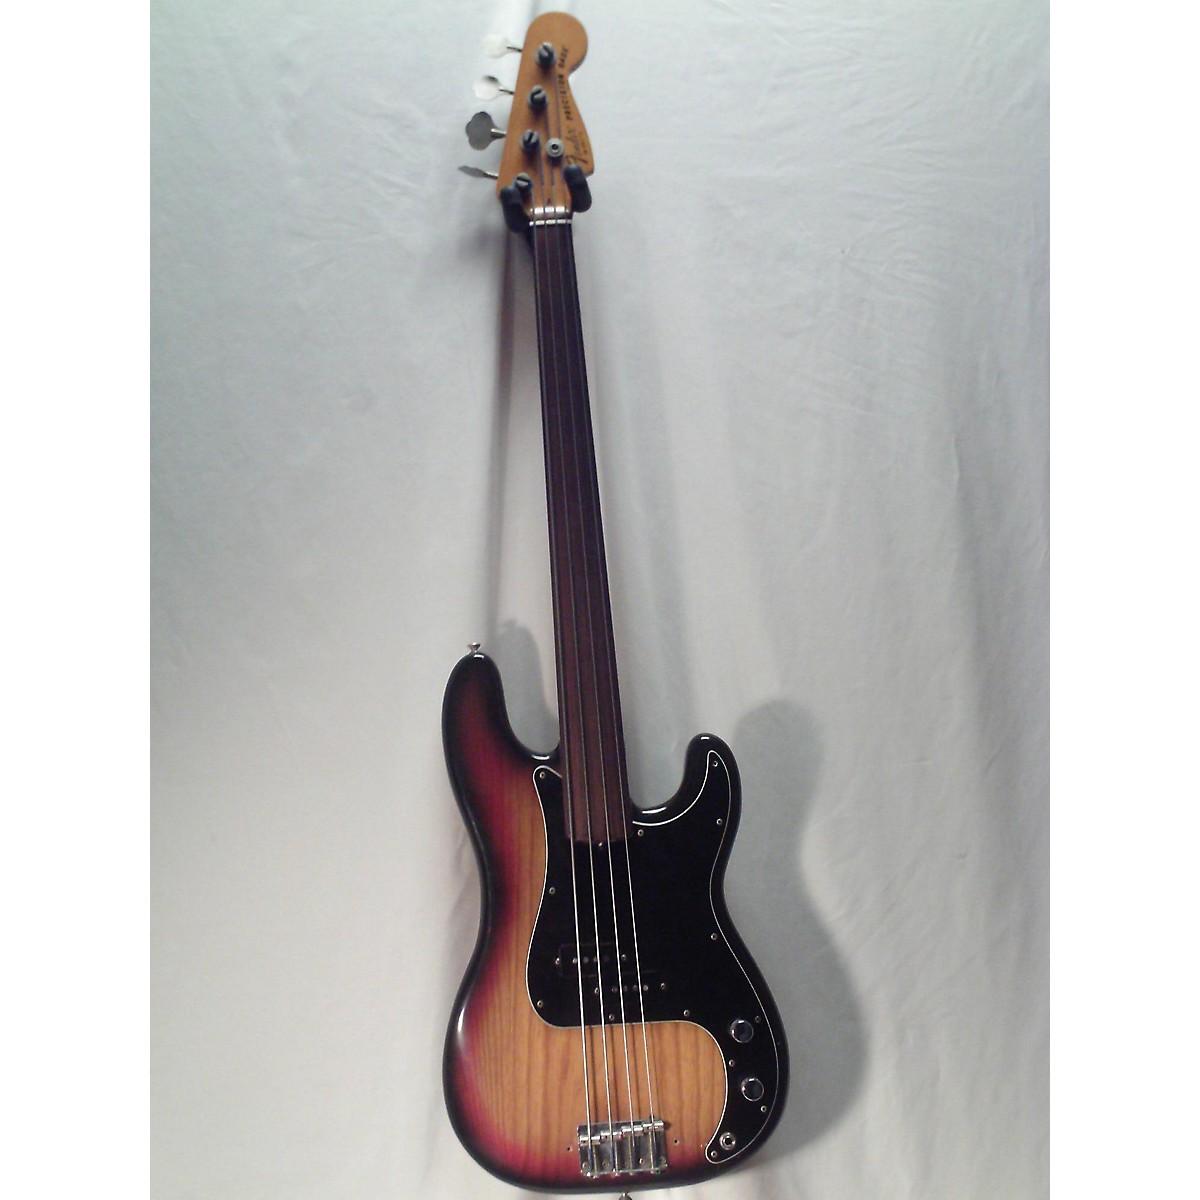 Fender 1979 Standard Precision Bass Fretless Electric Bass Guitar